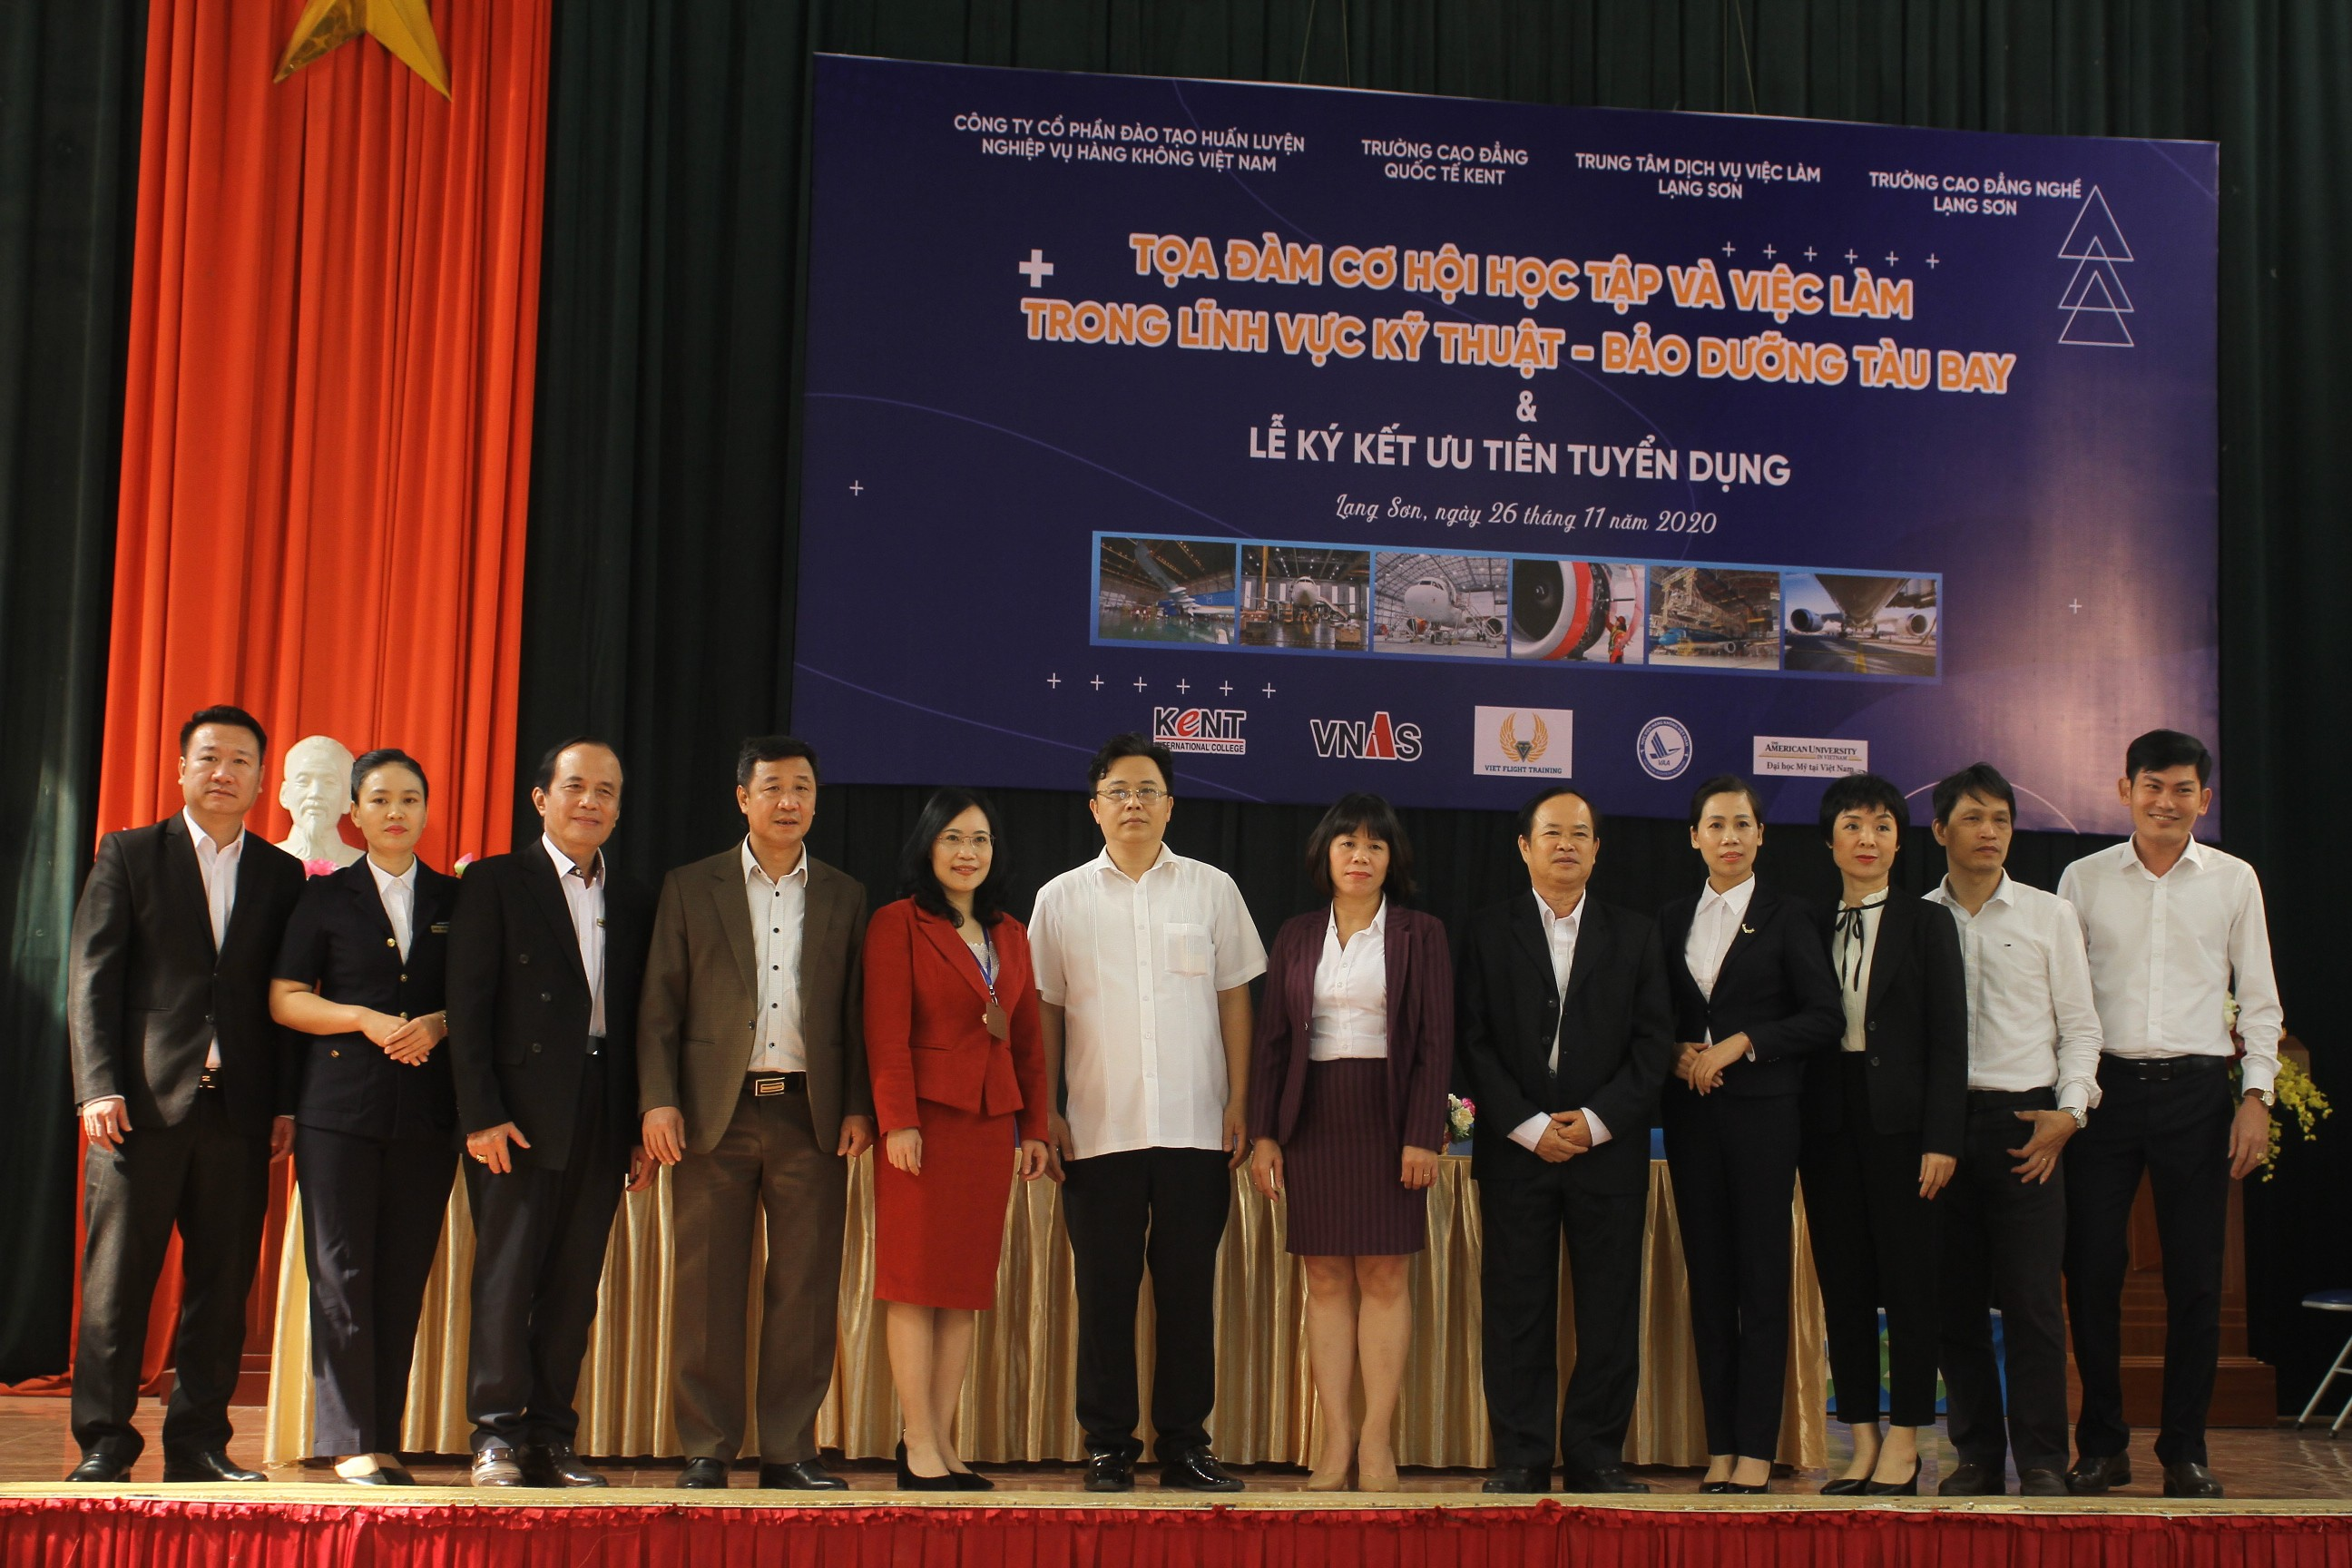 TVNAS hợp tác trong tuyển sinh, liên kết đào tạo nghề hàng không gắn với thực tế - cơ hội việc làm trên địa bàn tỉnh Lạng Sơn